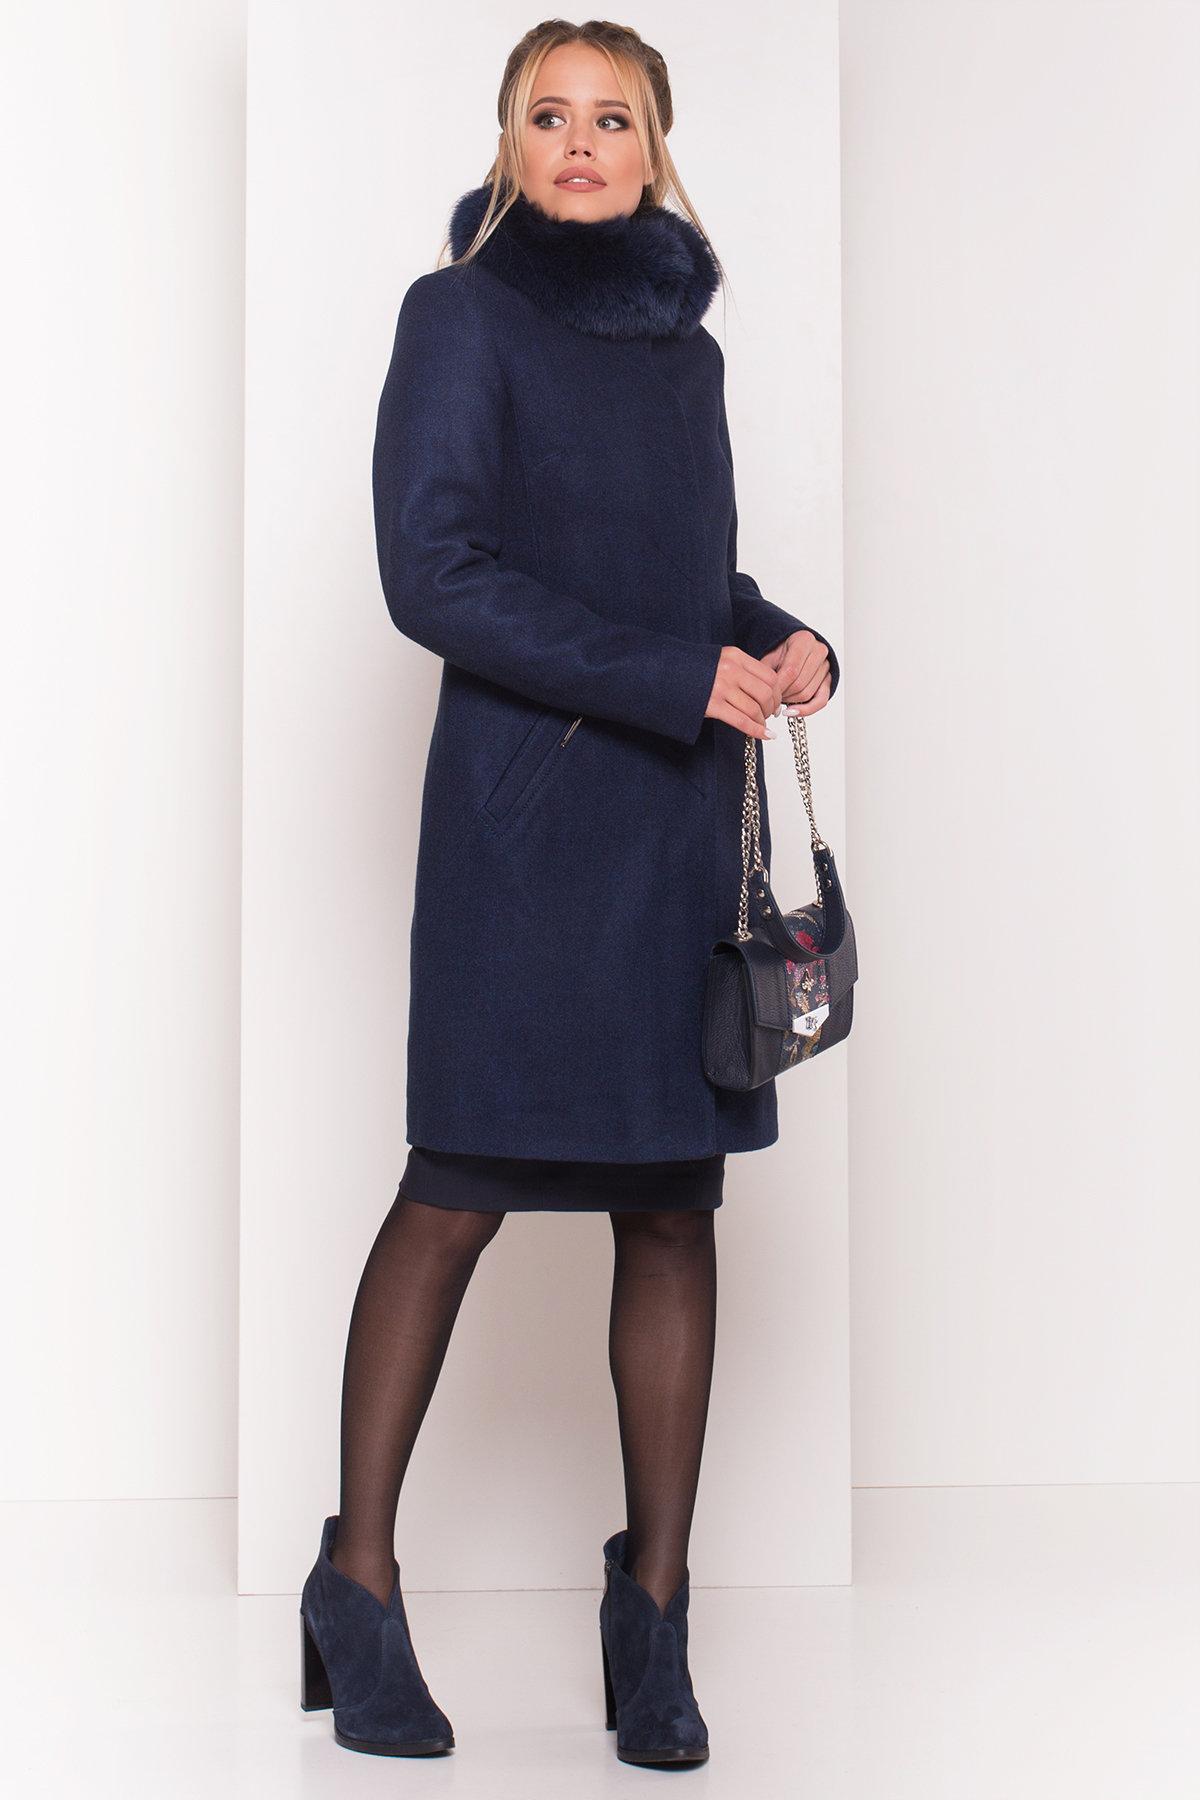 Модные женские пальто от Modus Пальто зима Люцея 5513